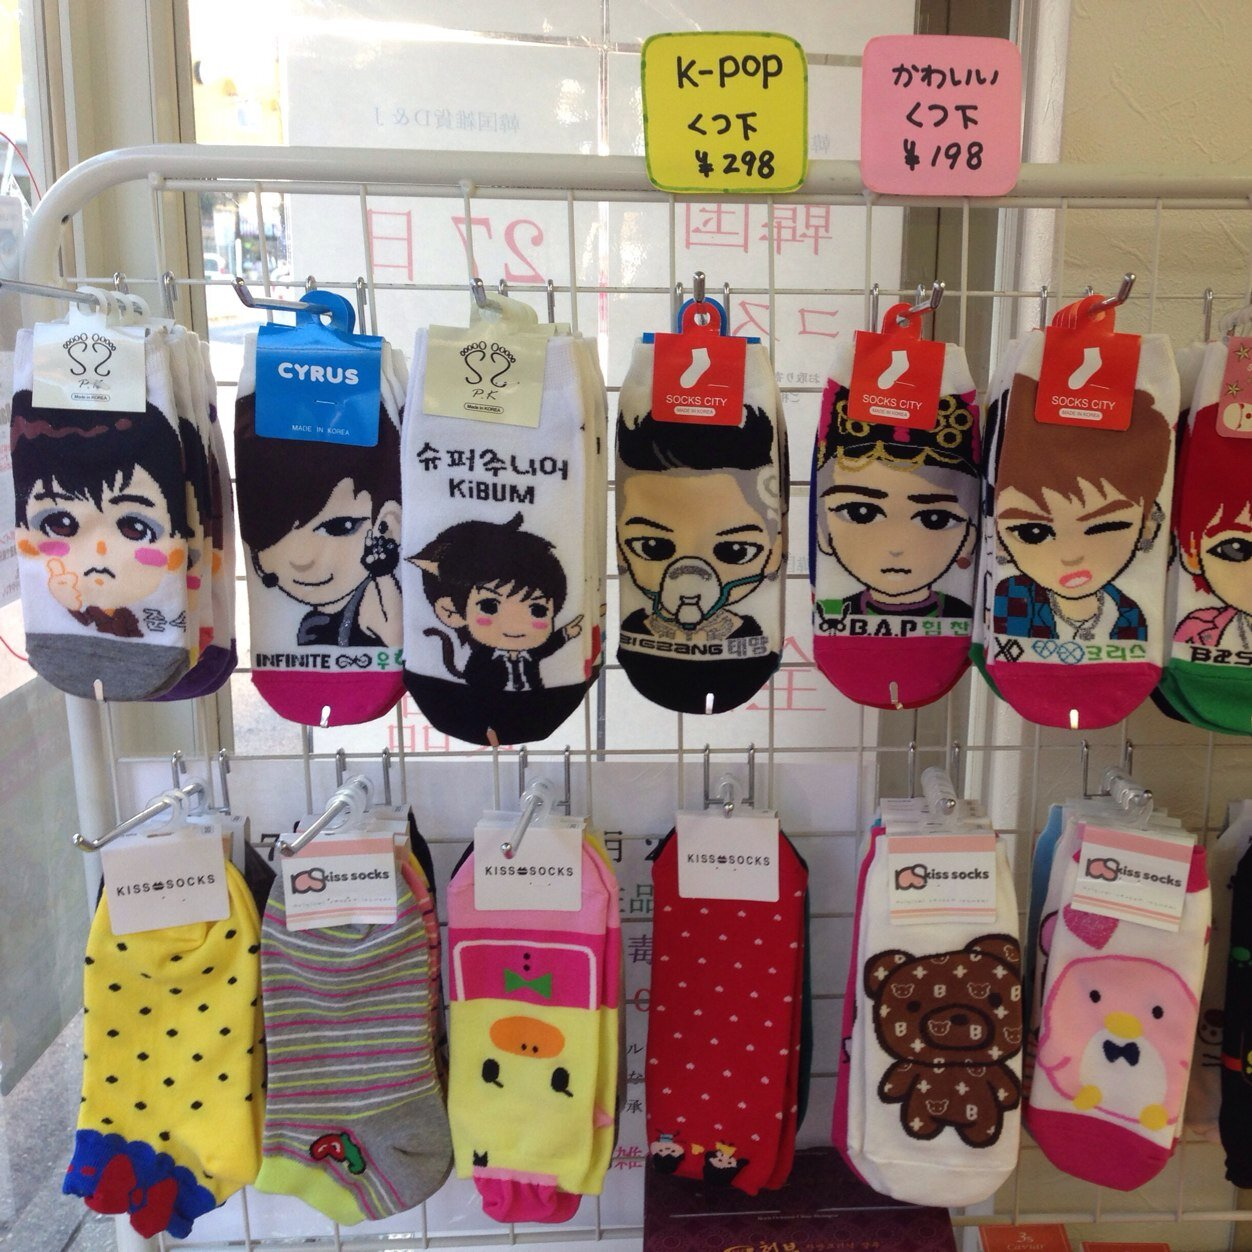 韓国の雑貨屋ご紹介!かわいい文房具も盛りだくさんでお土産にもおすすめ!